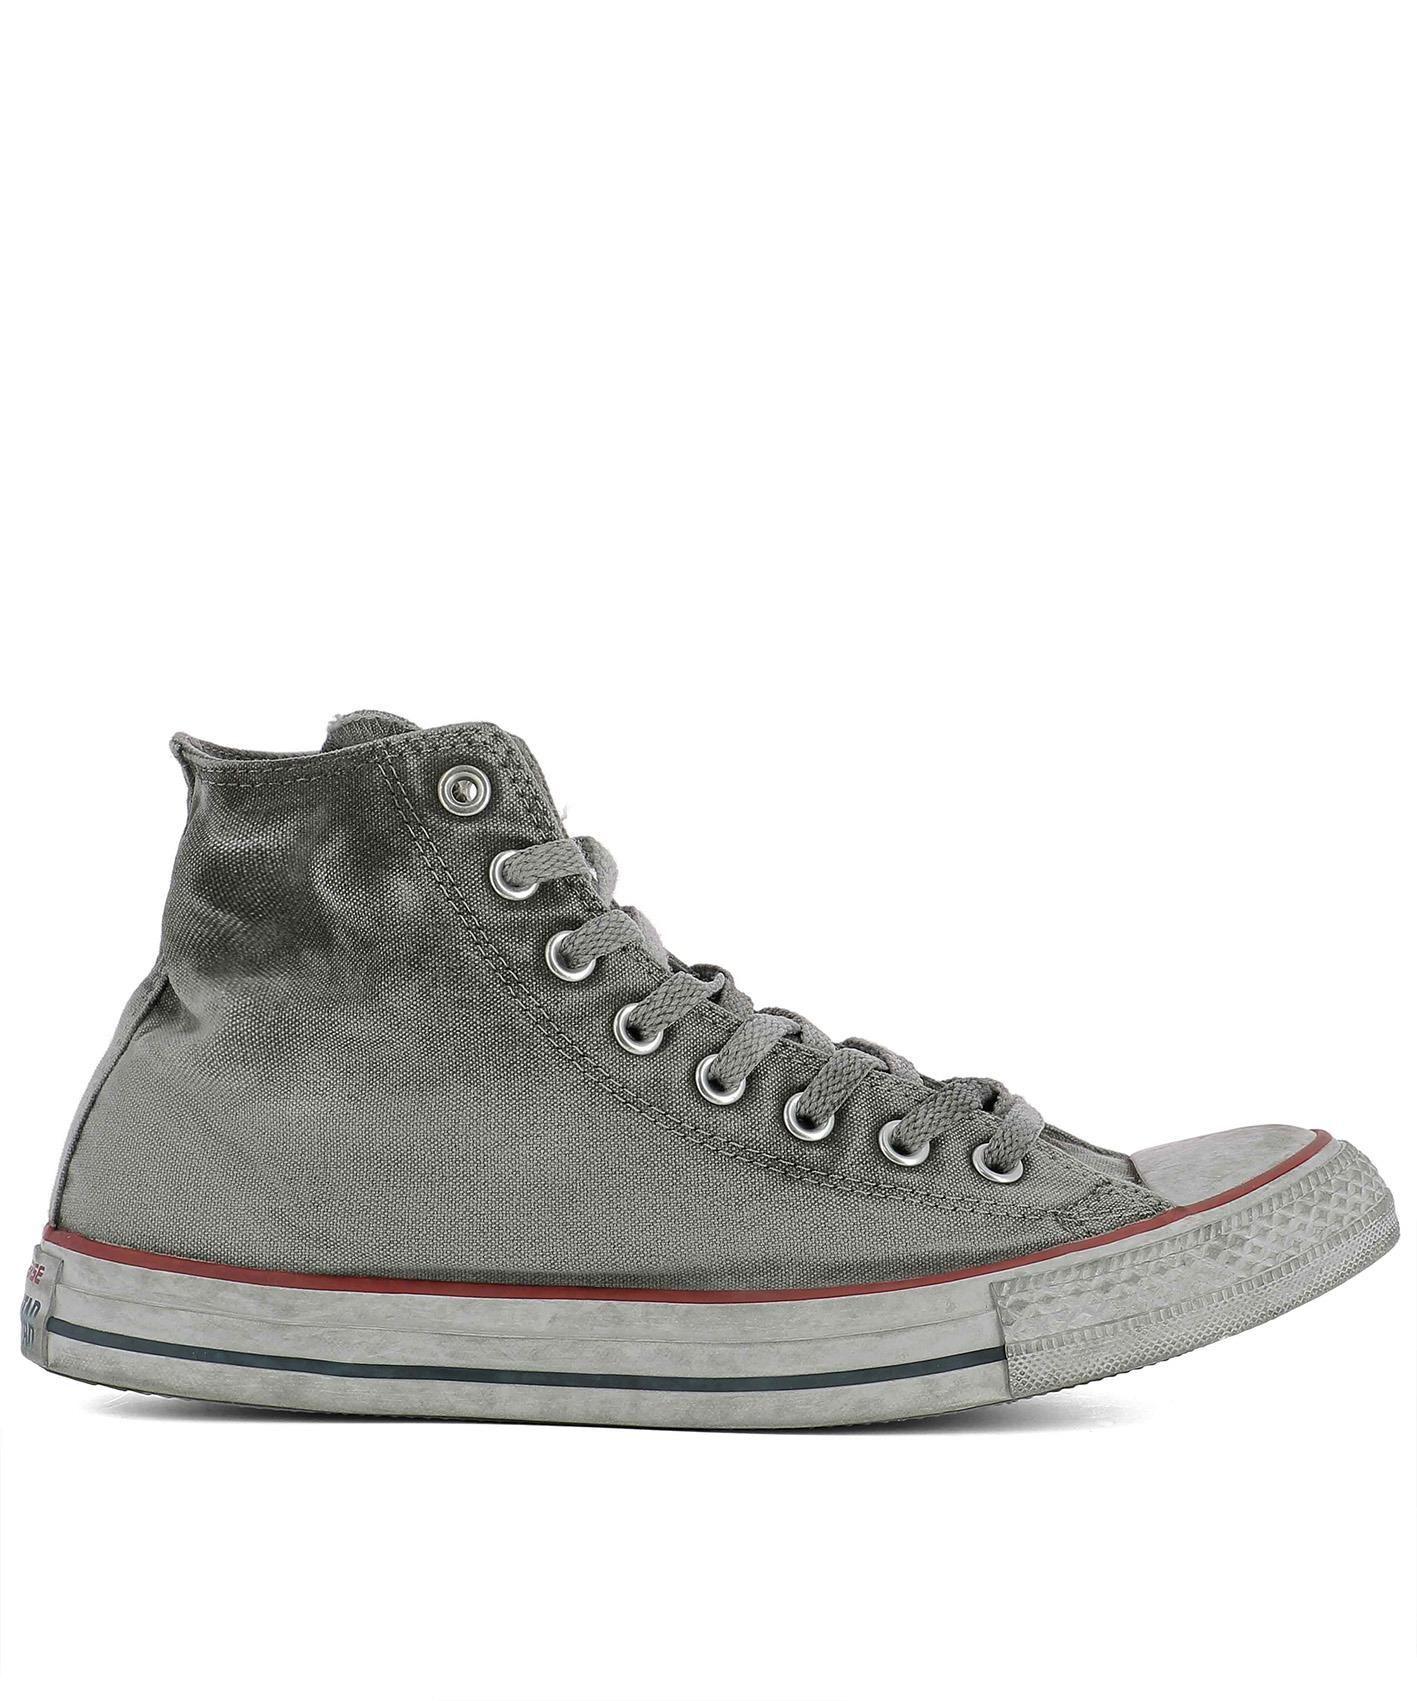 Grey Fabric Hi Top Sneakers